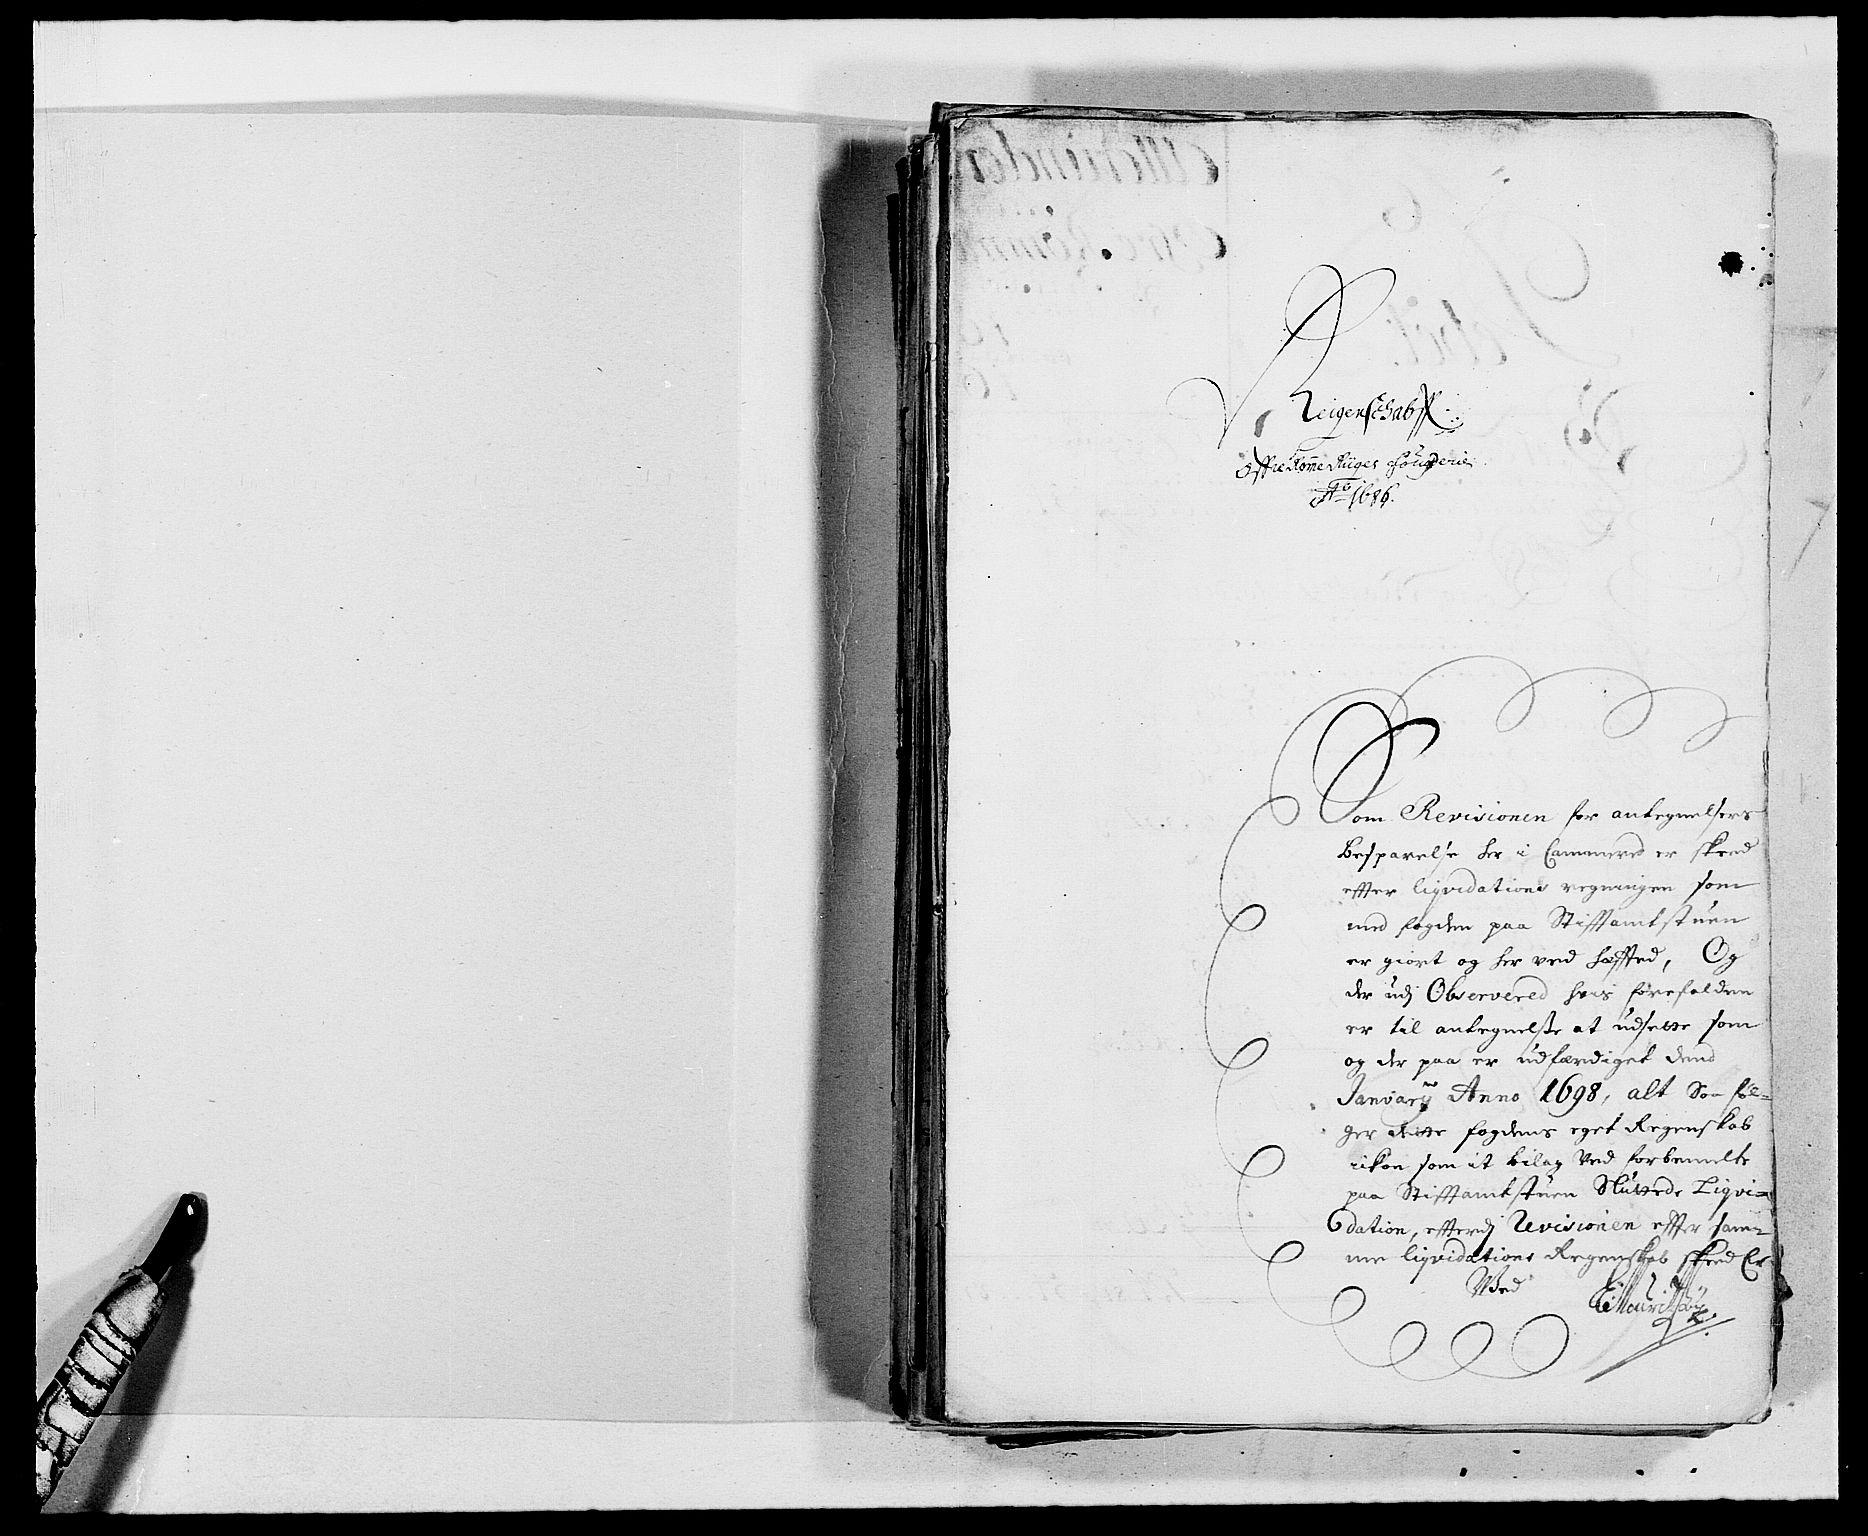 RA, Rentekammeret inntil 1814, Reviderte regnskaper, Fogderegnskap, R12/L0699: Fogderegnskap Øvre Romerike, 1685-1686, s. 158